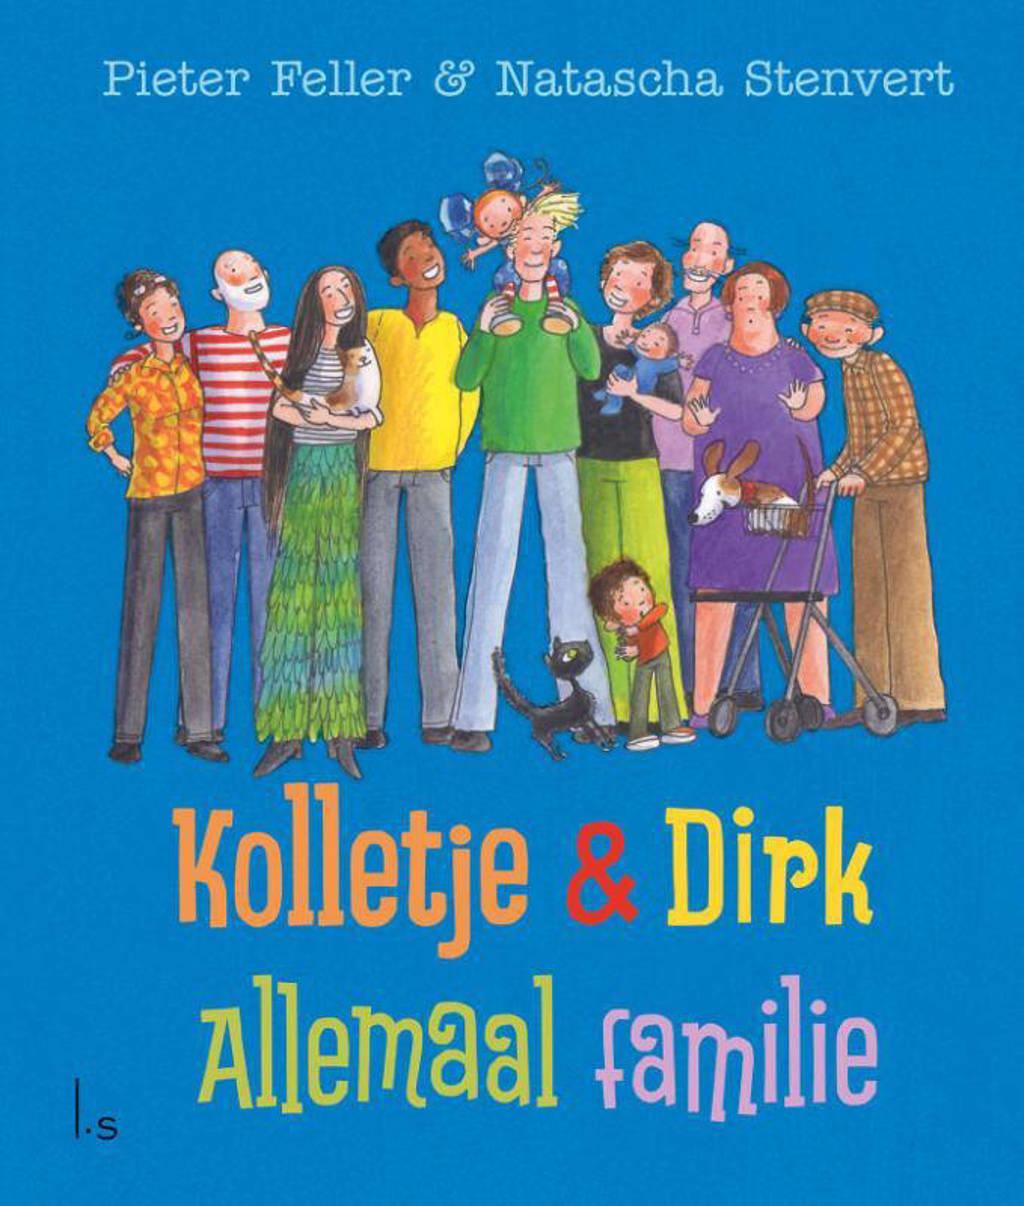 Kolletje & Dirk: Allemaal familie - Pieter Feller en Natascha Stenvert